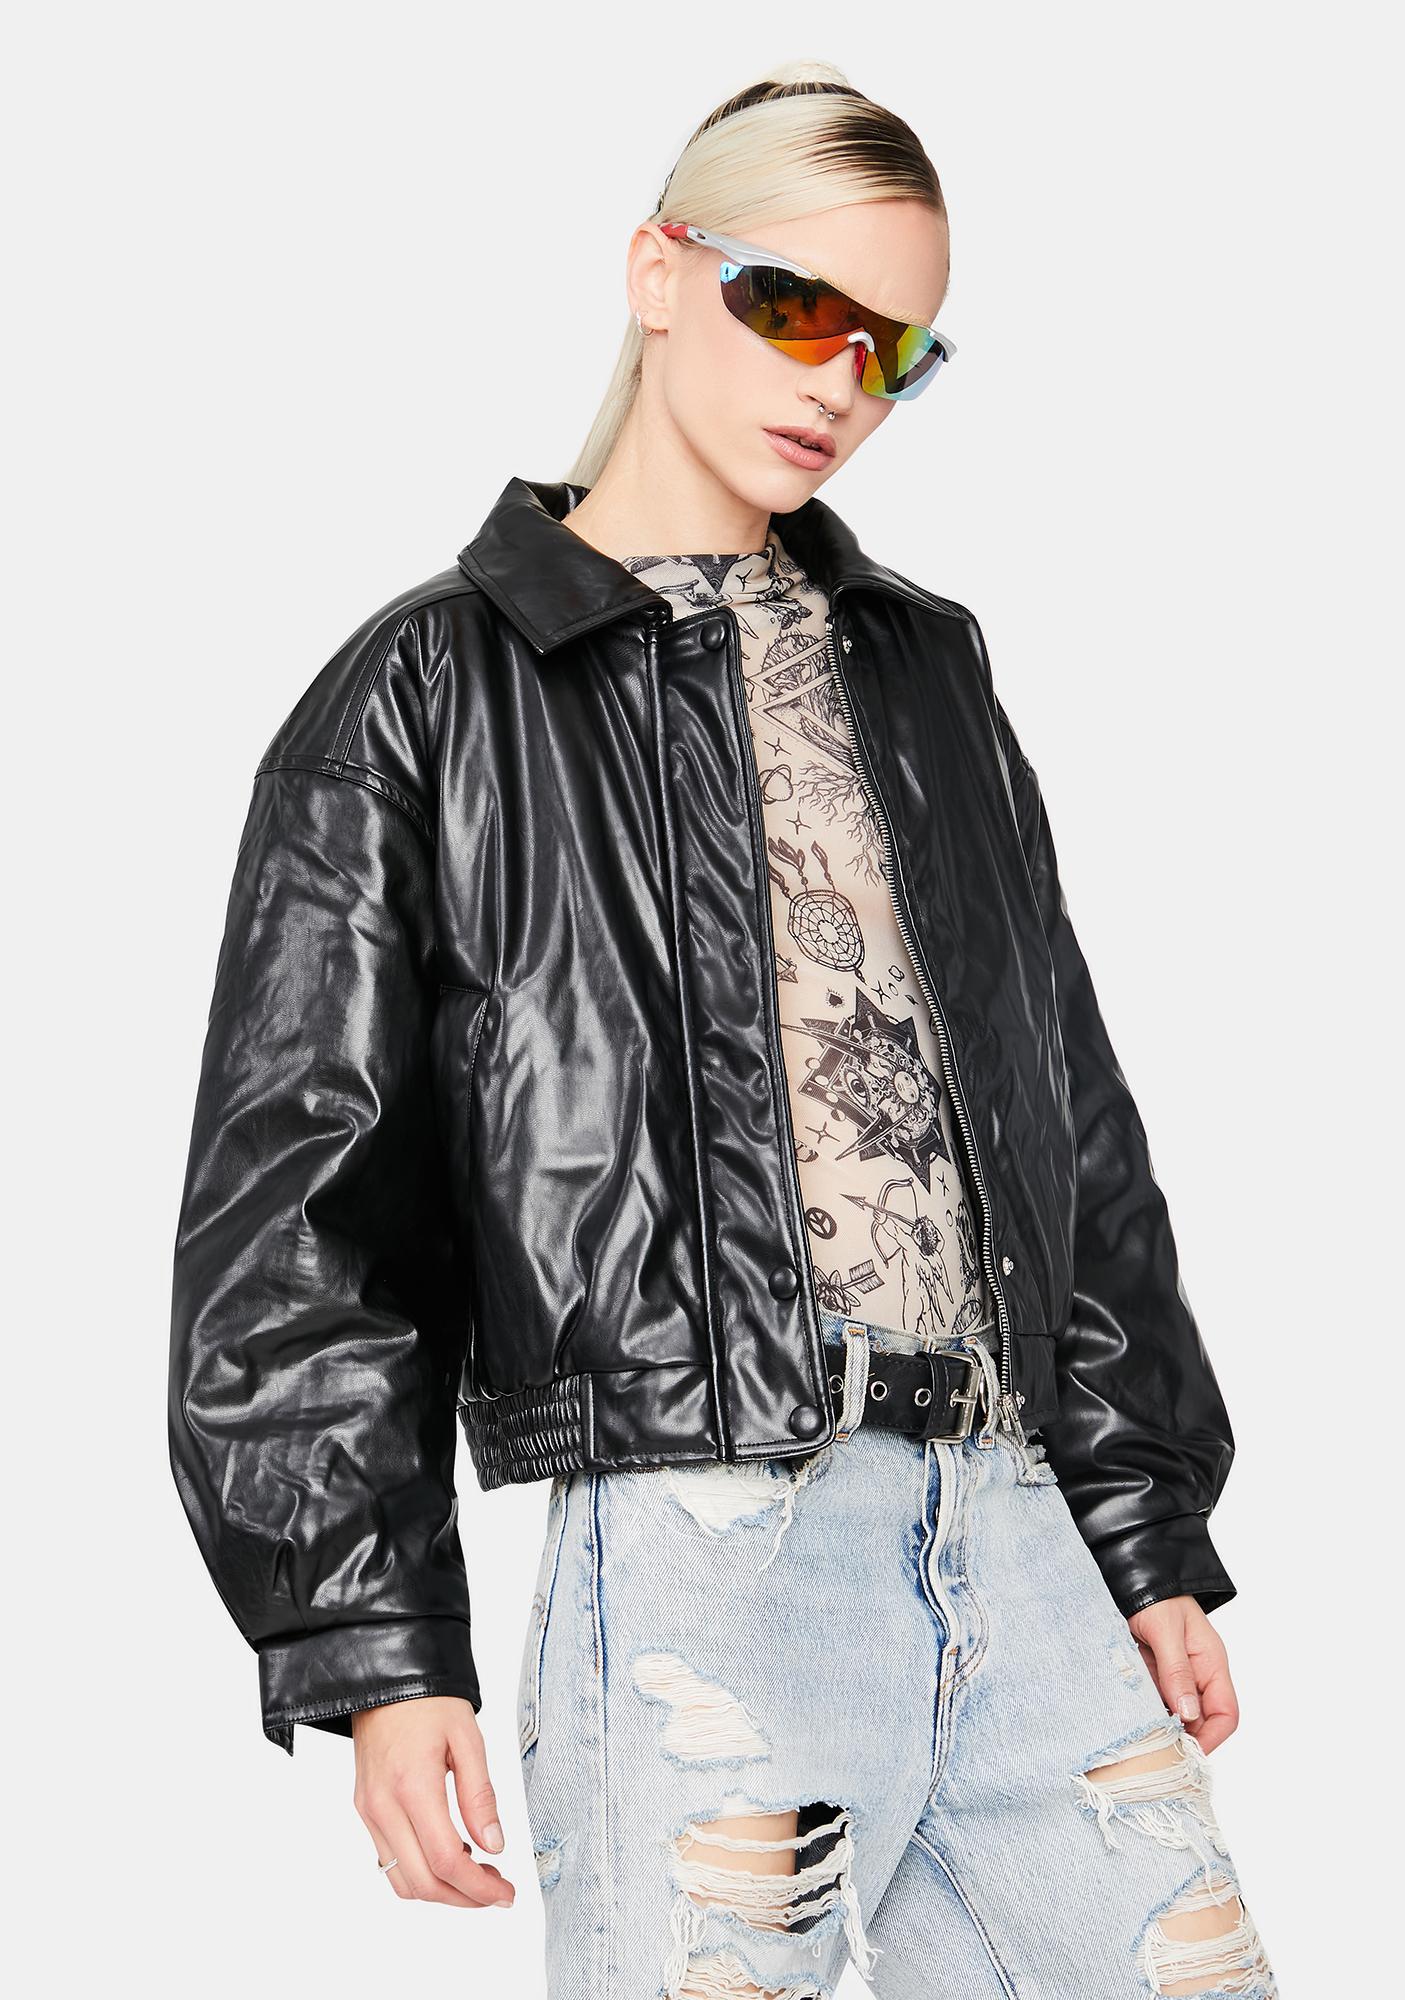 Night Oldie But Goodie Bomber Jacket